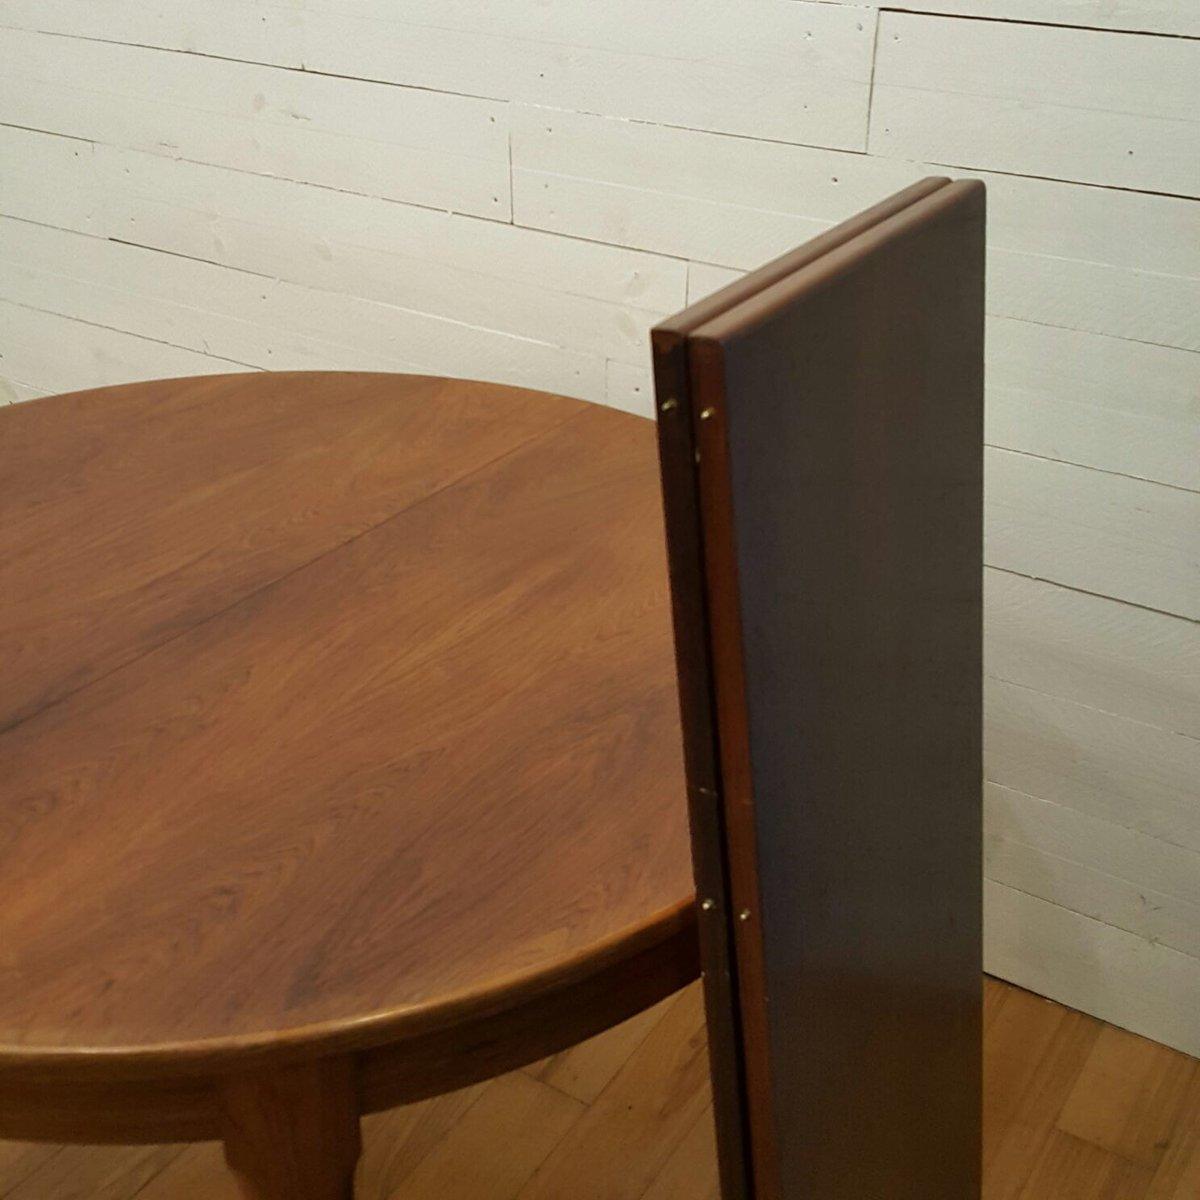 Runder palisander tisch von meuble tv paris bei pamono kaufen for Meubles paris